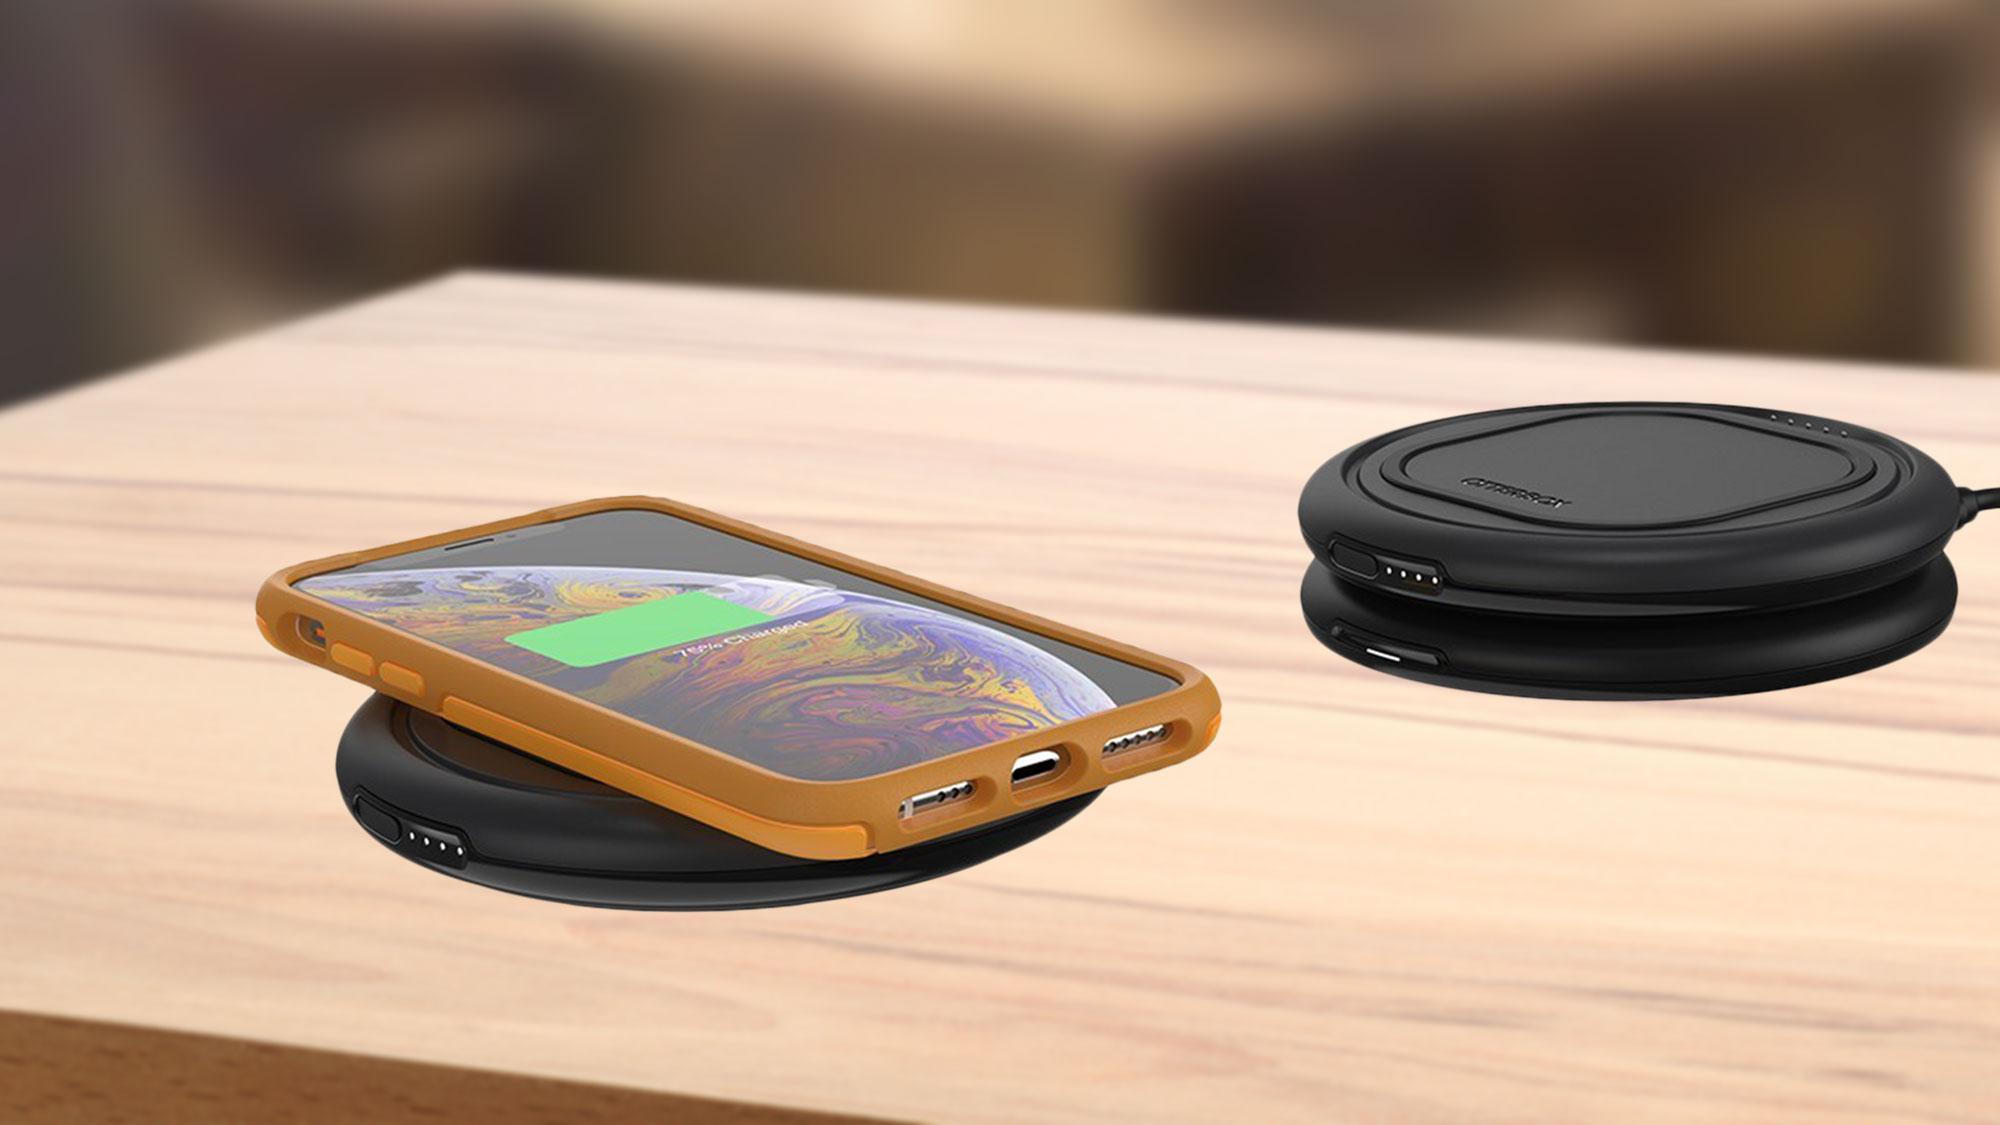 Беспроводная зарядка OtterBox Otterspot – стекируемая система заряжает телефон и беспроводной портативный аккумулятор